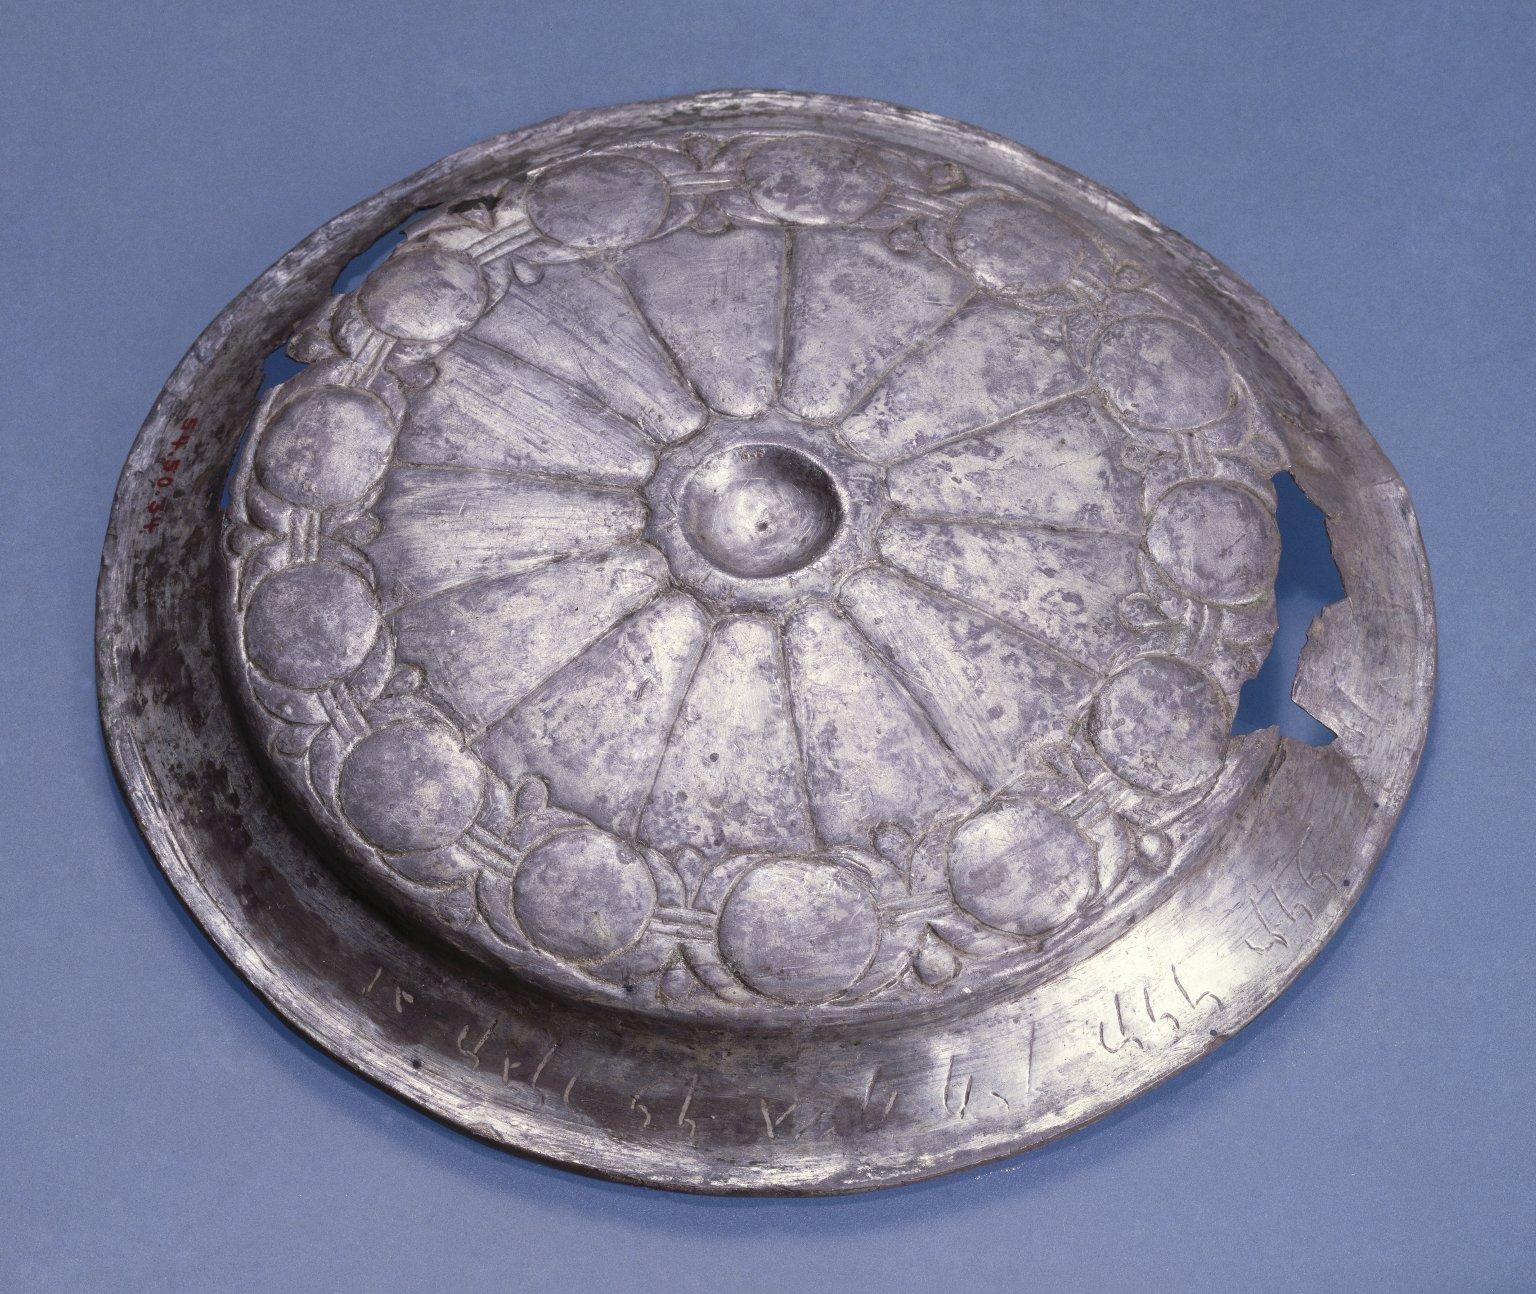 上图:埃及尼罗河三角洲玛什库塔遗址(Tell el-Maskhuta)出土的主前410年左右波斯银器,上面写着「基达王基善的儿子凯努(Qainu)奉献给汉伊拉特(阿拉伯女神Han-Ilat)」,现存于布鲁克林博物馆。